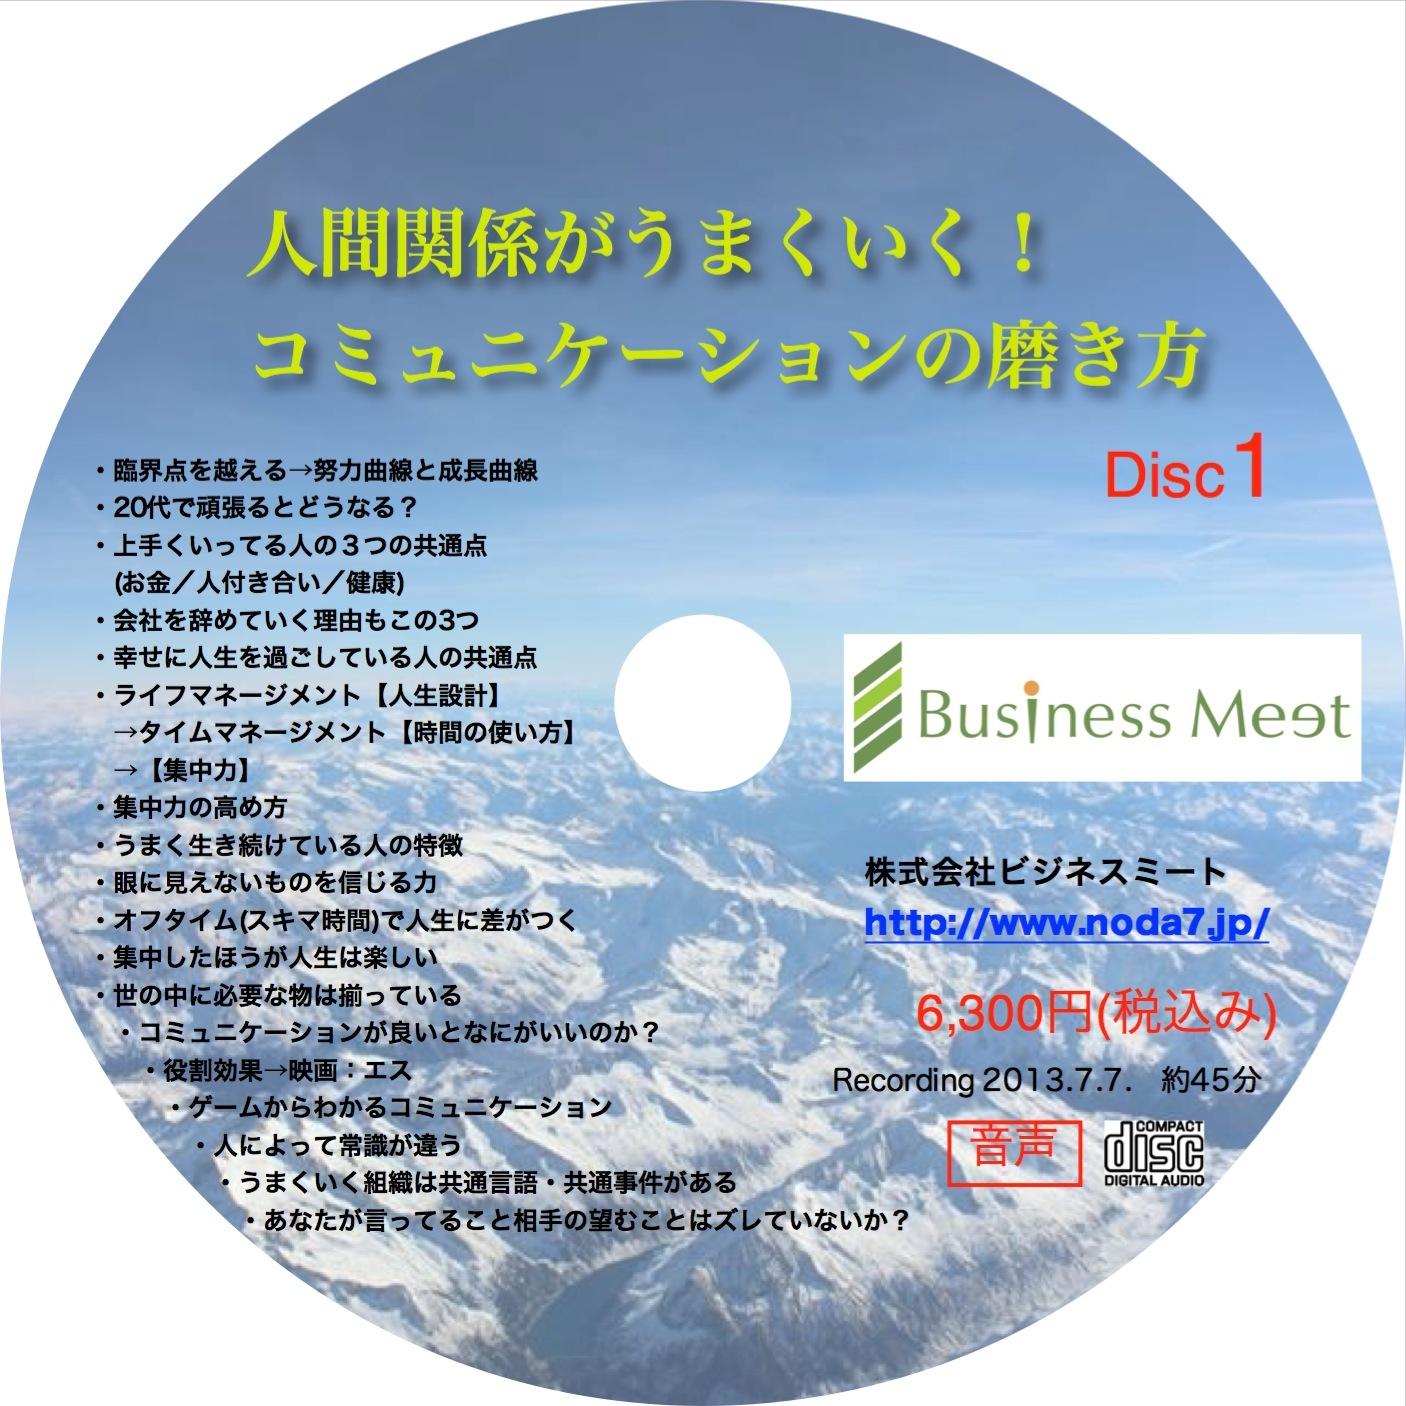 [CD]『人間関係がうまくいく!コミュニケーションの磨き方』2枚組